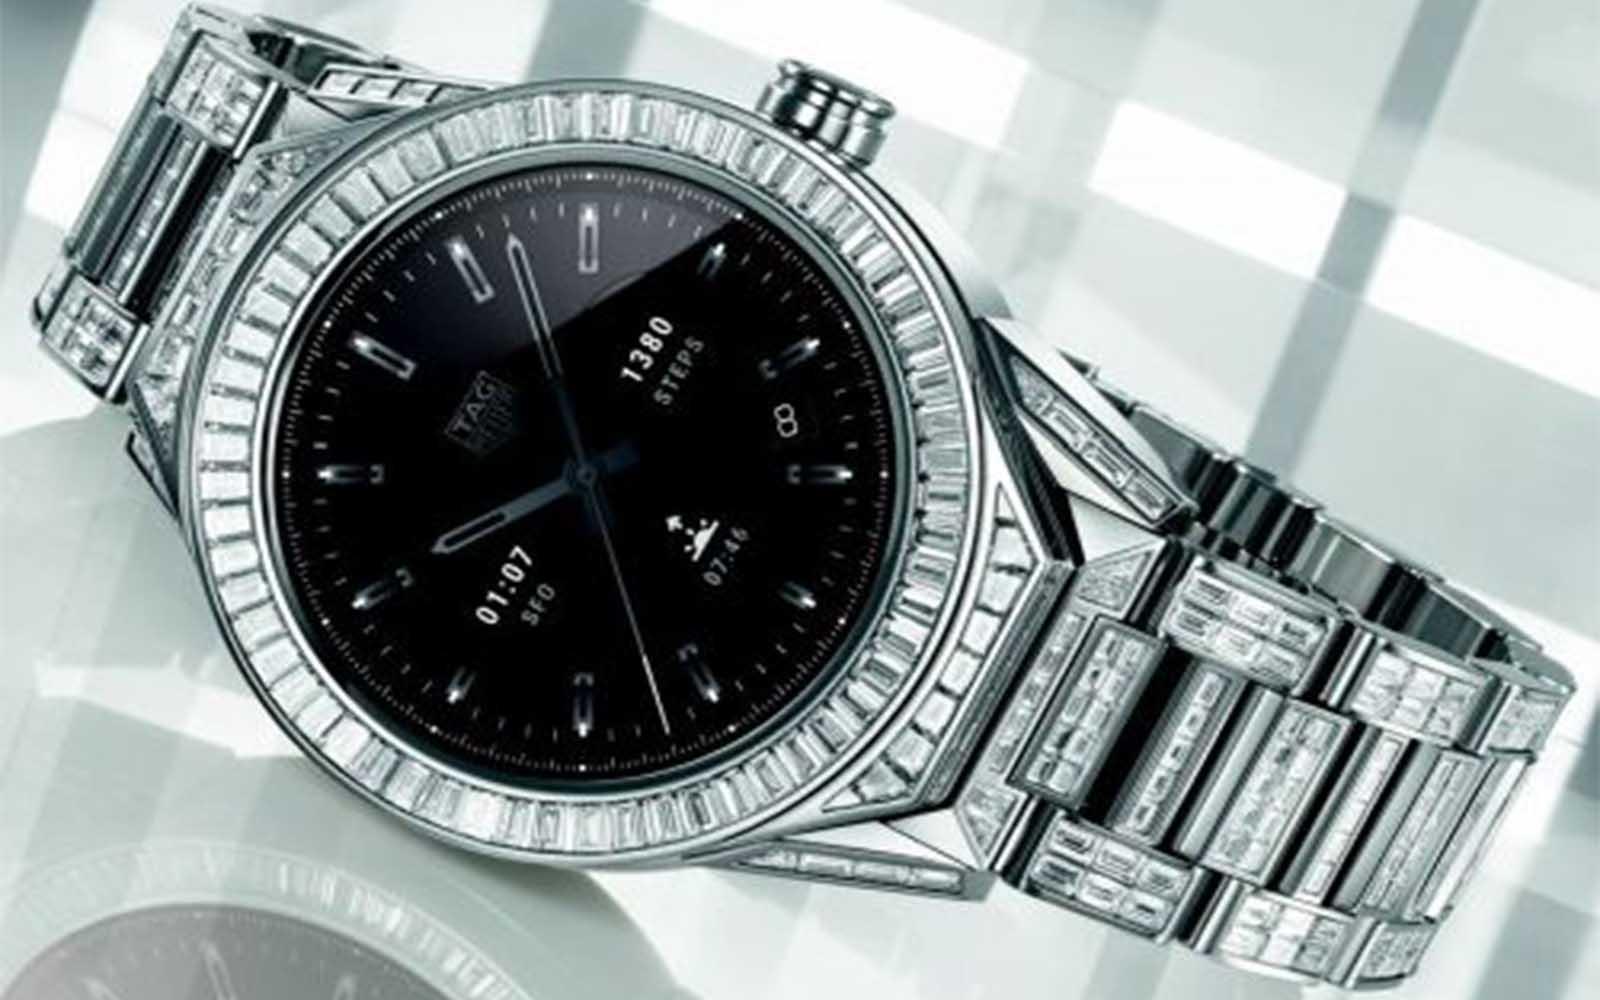 a20e3fd5c00 Conheça o smartwatch mais caro do mundo  Tag Heuer 45 Connected ...